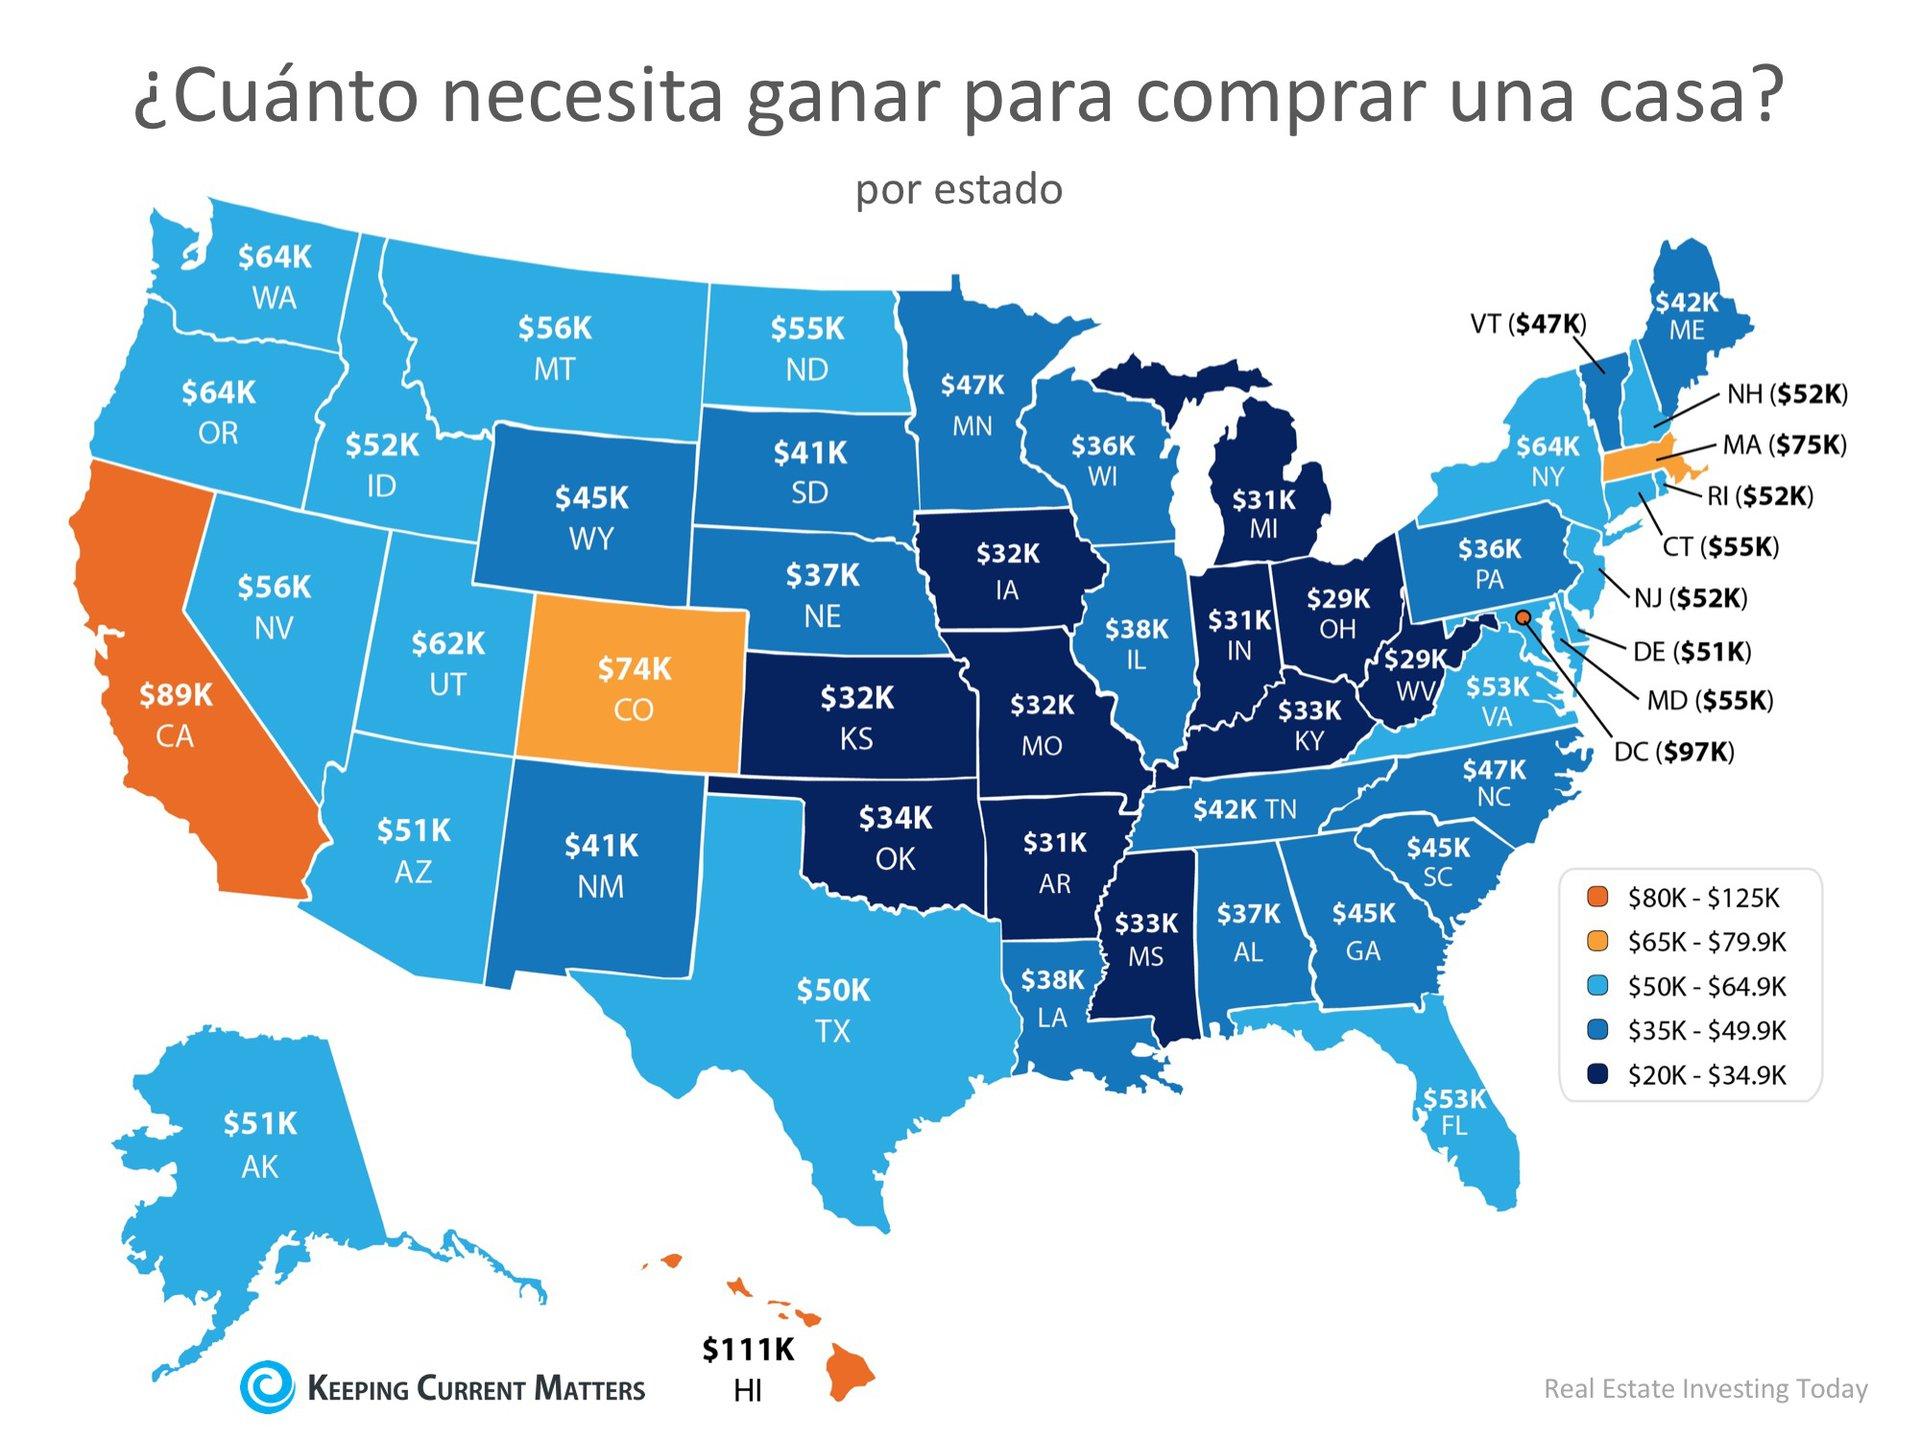 ¿Cuánto necesita ganar para comprar una casa en su estado?   Keeping Current Matters